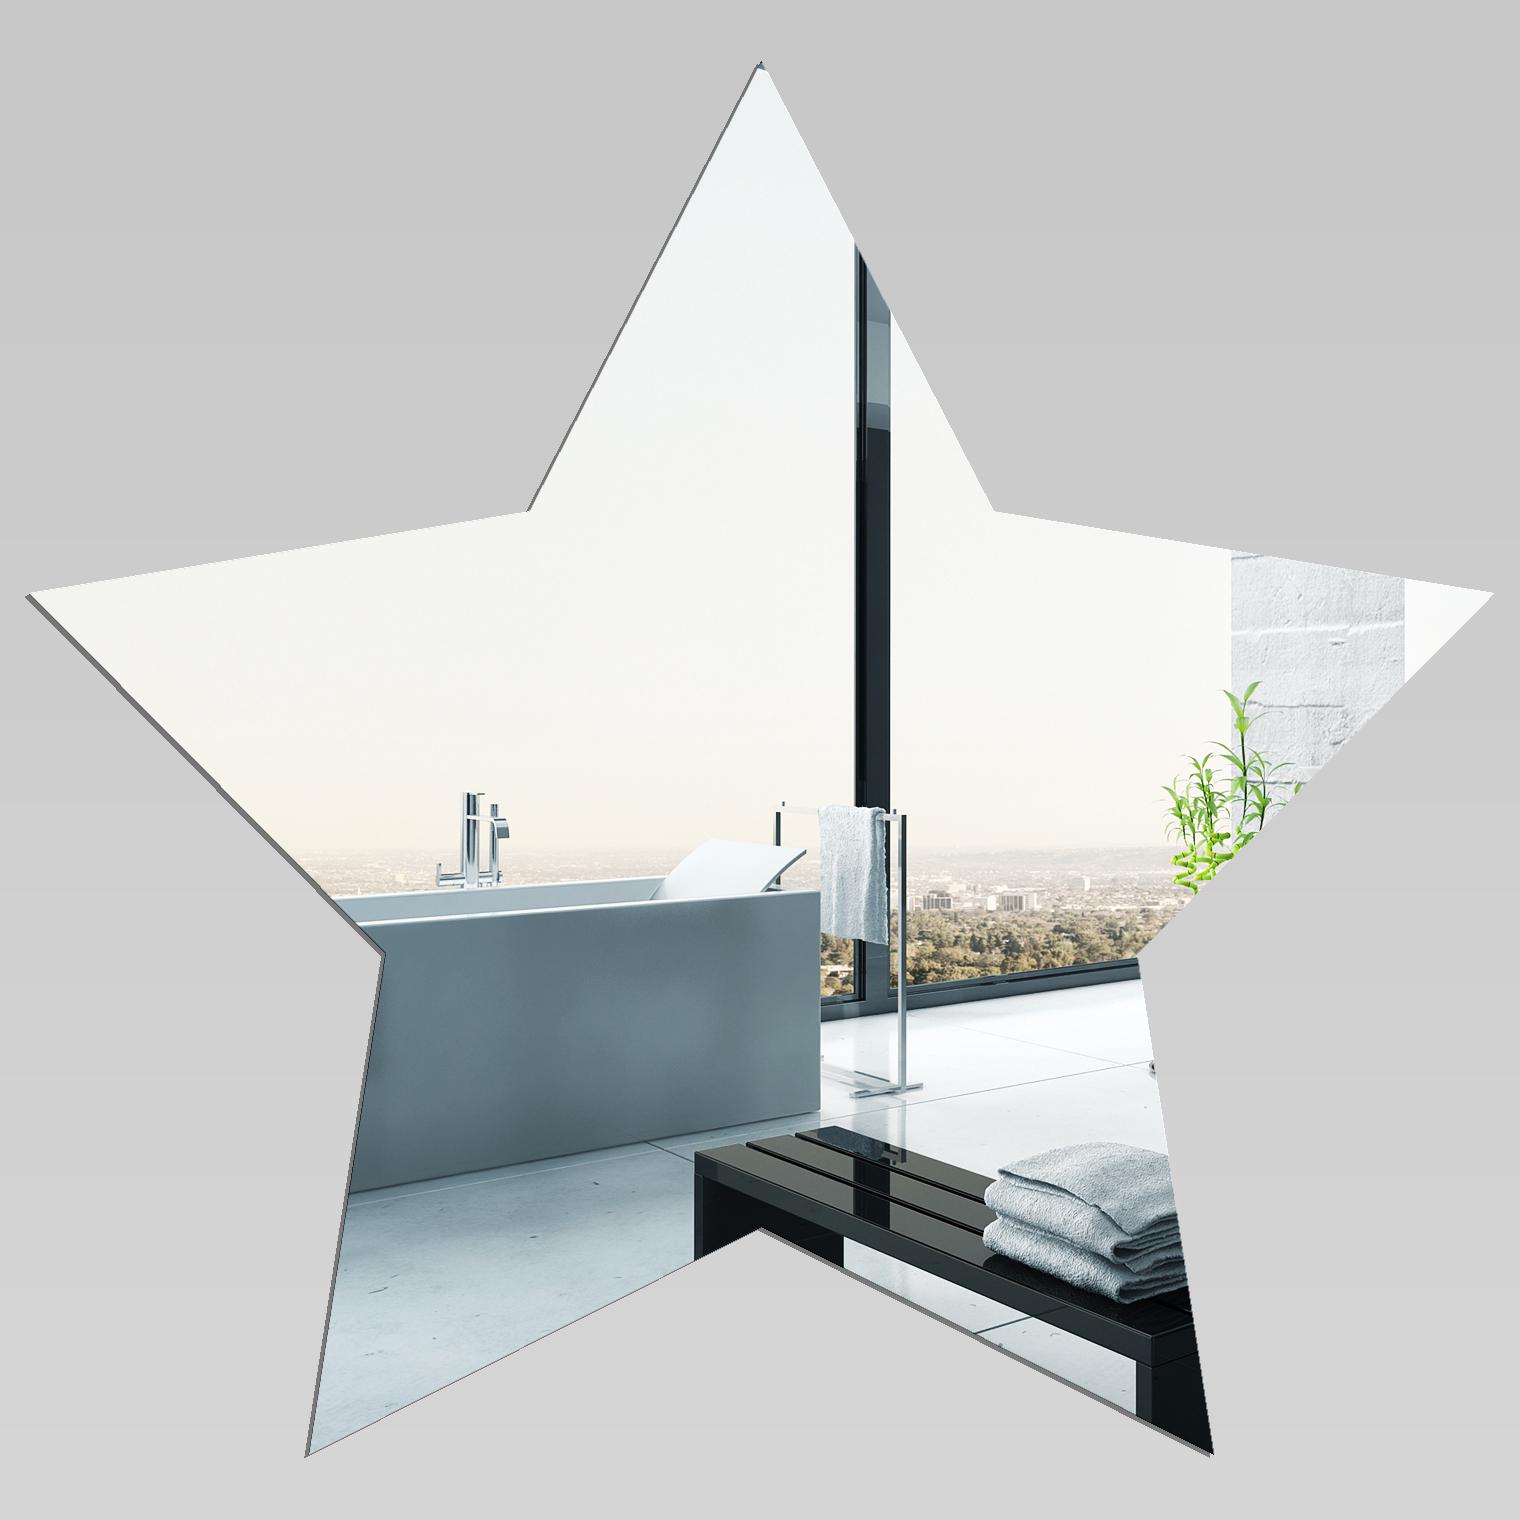 Adesivi follia specchio acrilico plexiglass stella - Plexiglass a specchio ...